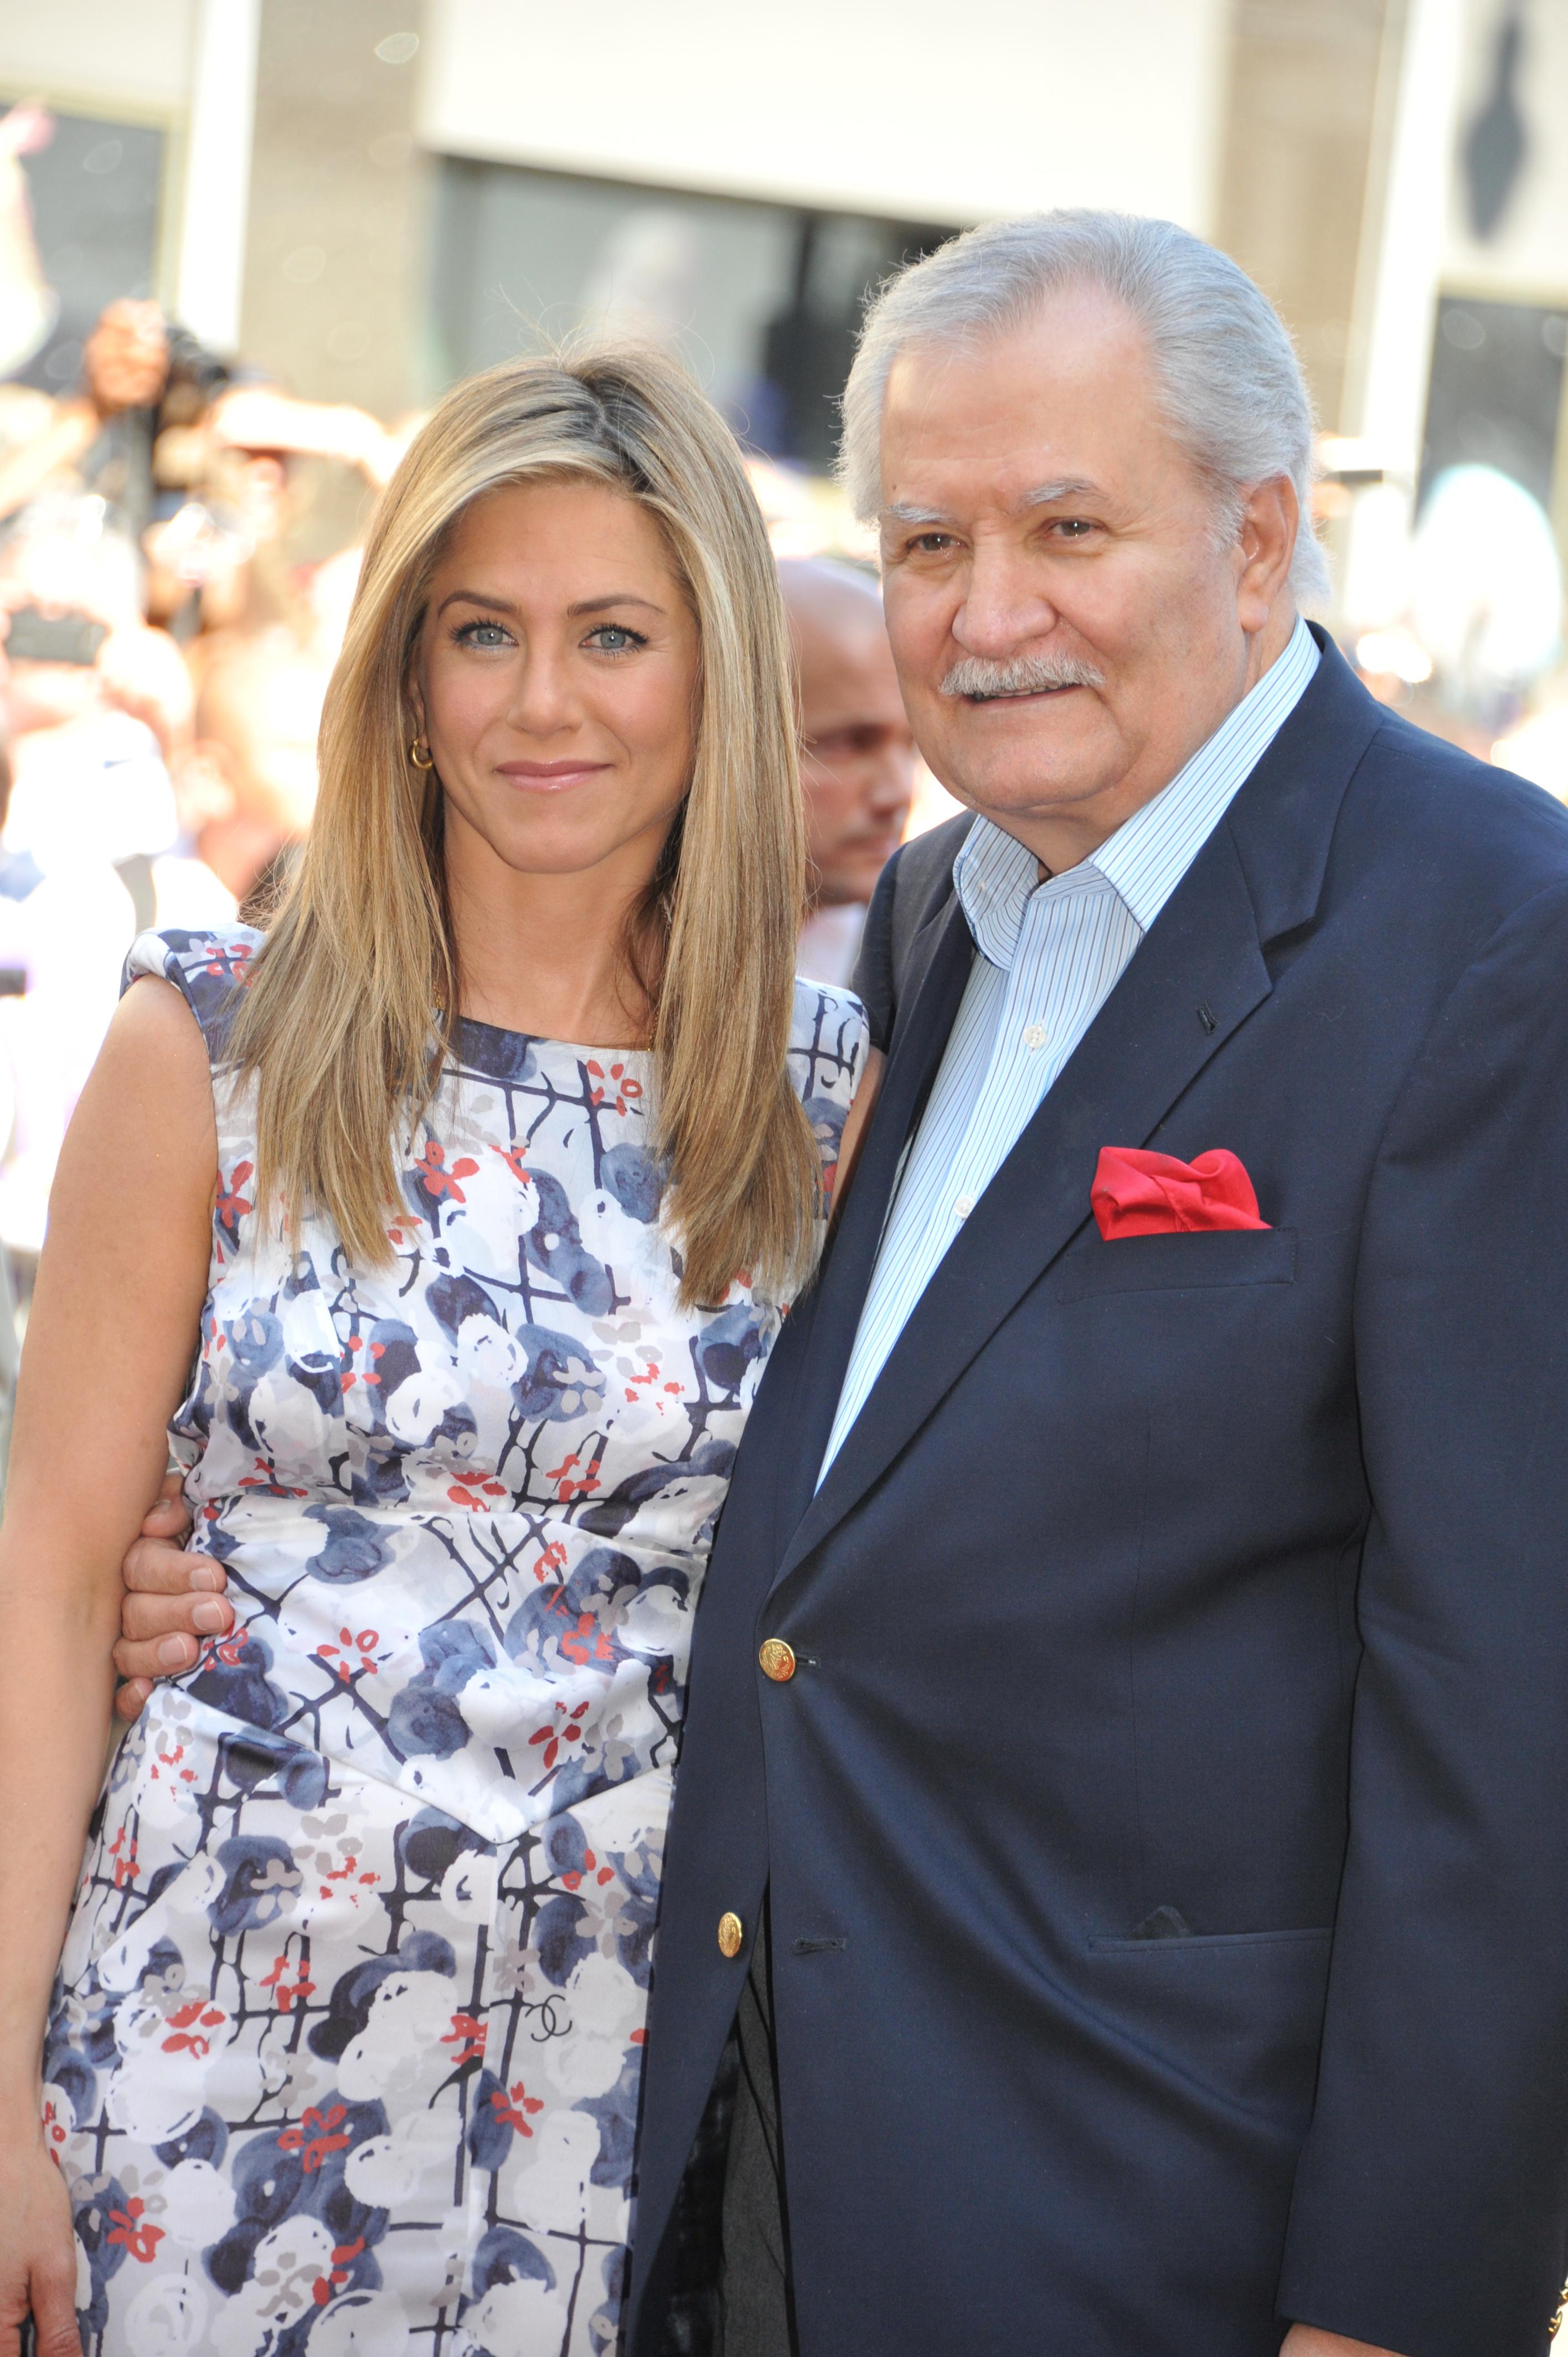 Jennifer Aniston and dad, John Aniston